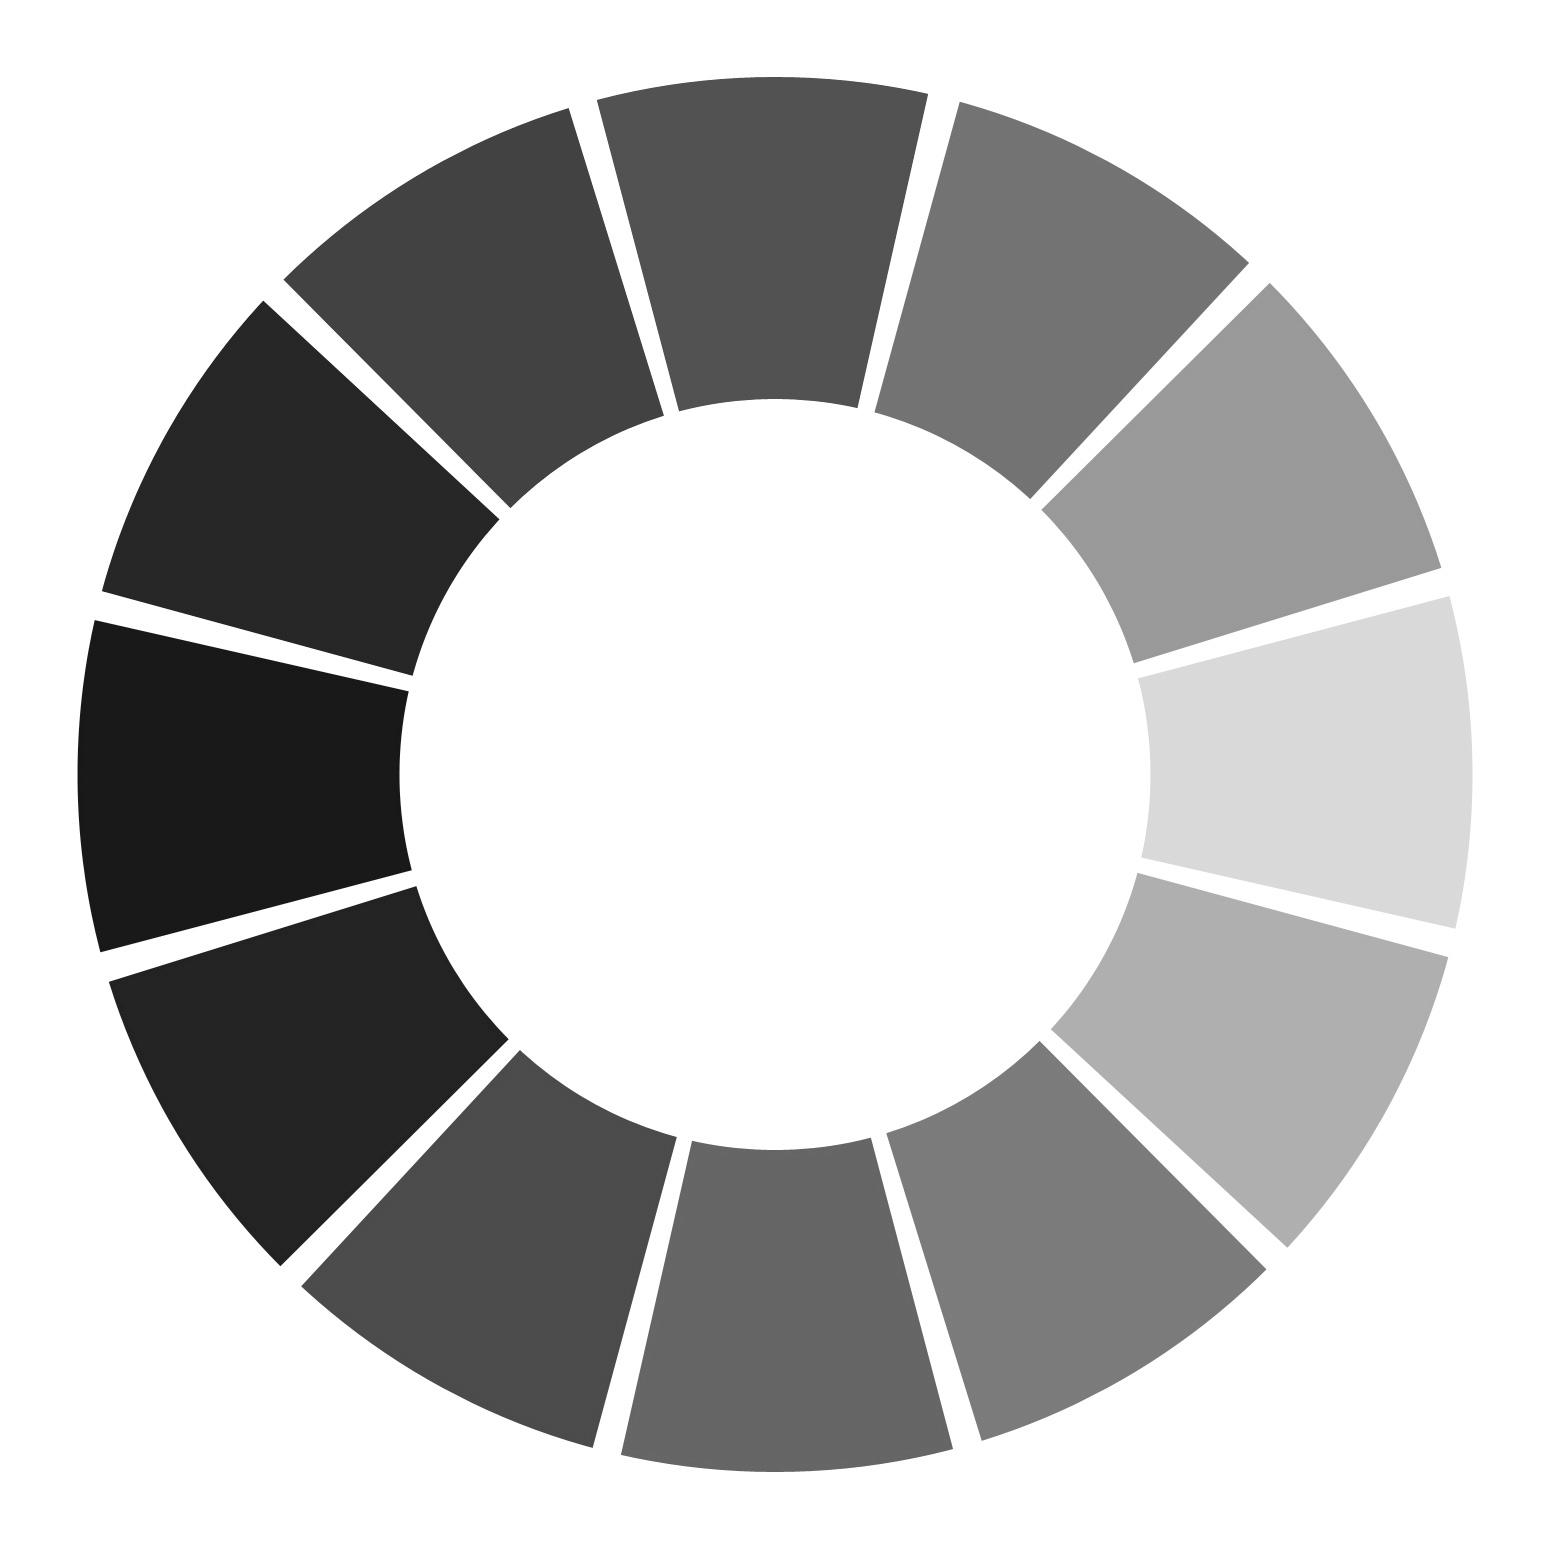 イラスト色相環のコピー